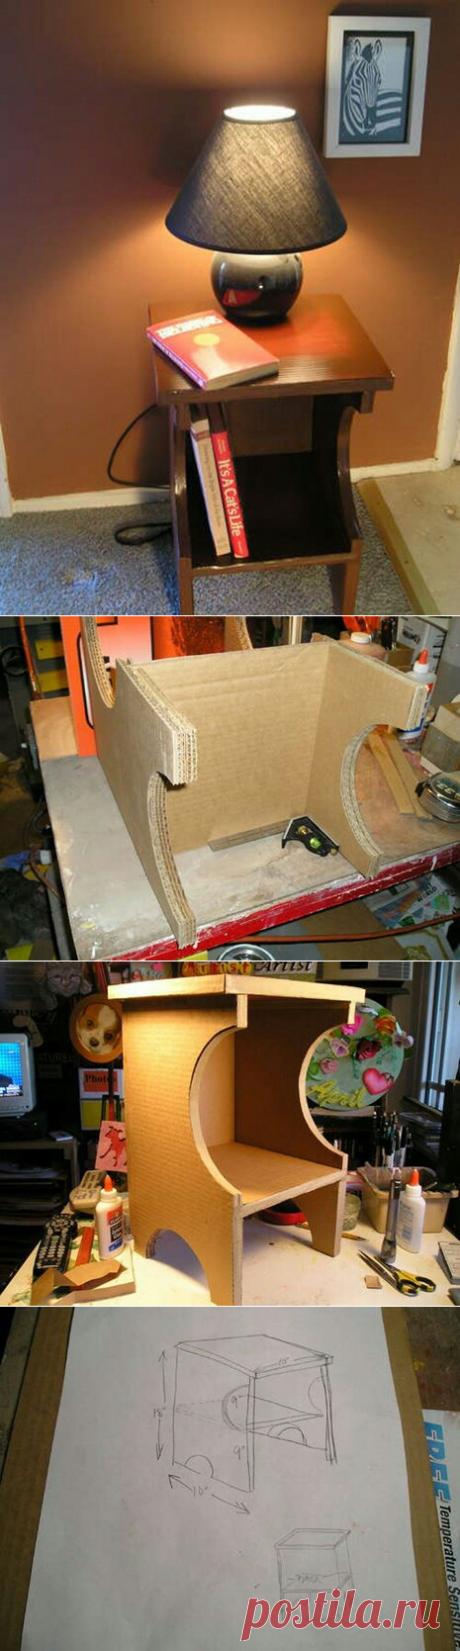 Тумба из картона (diy) / Мебель / ВТОРАЯ УЛИЦА